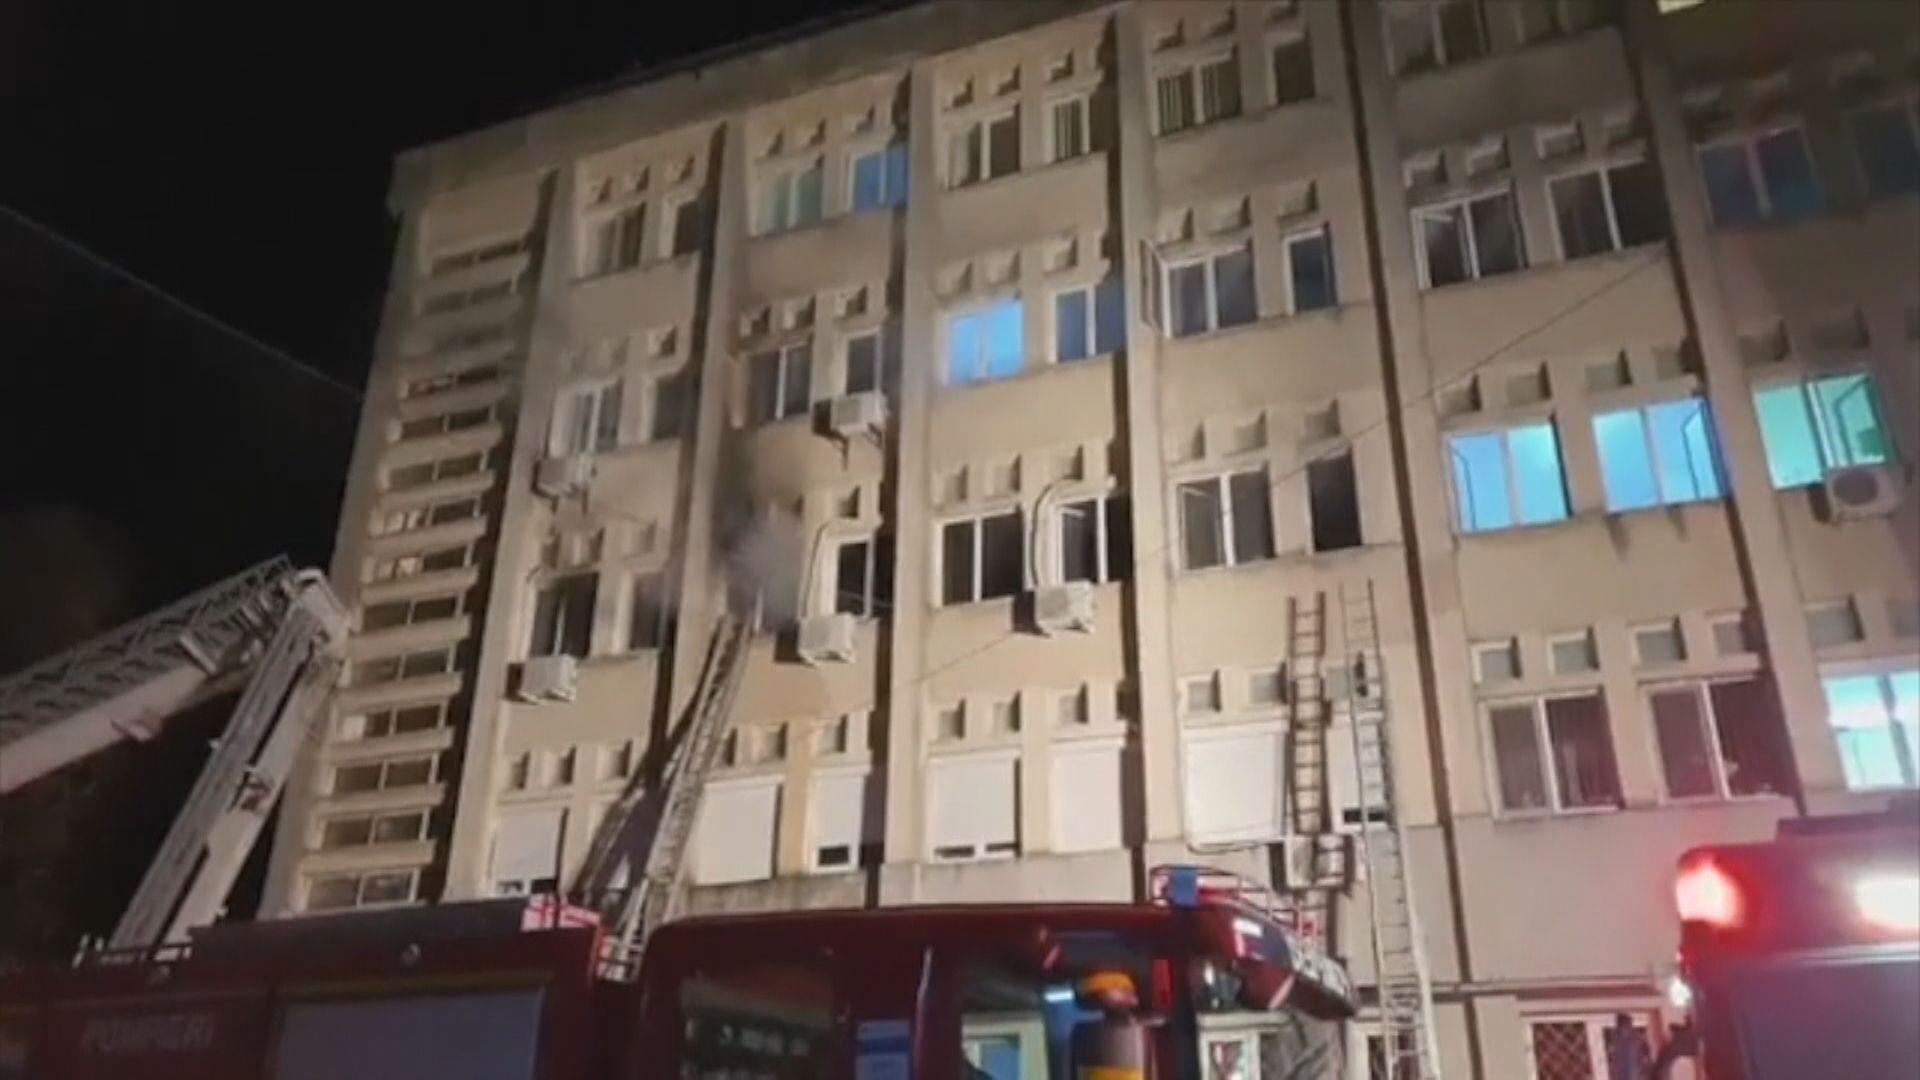 羅馬尼亞收治新冠患者醫院大火 最少十死